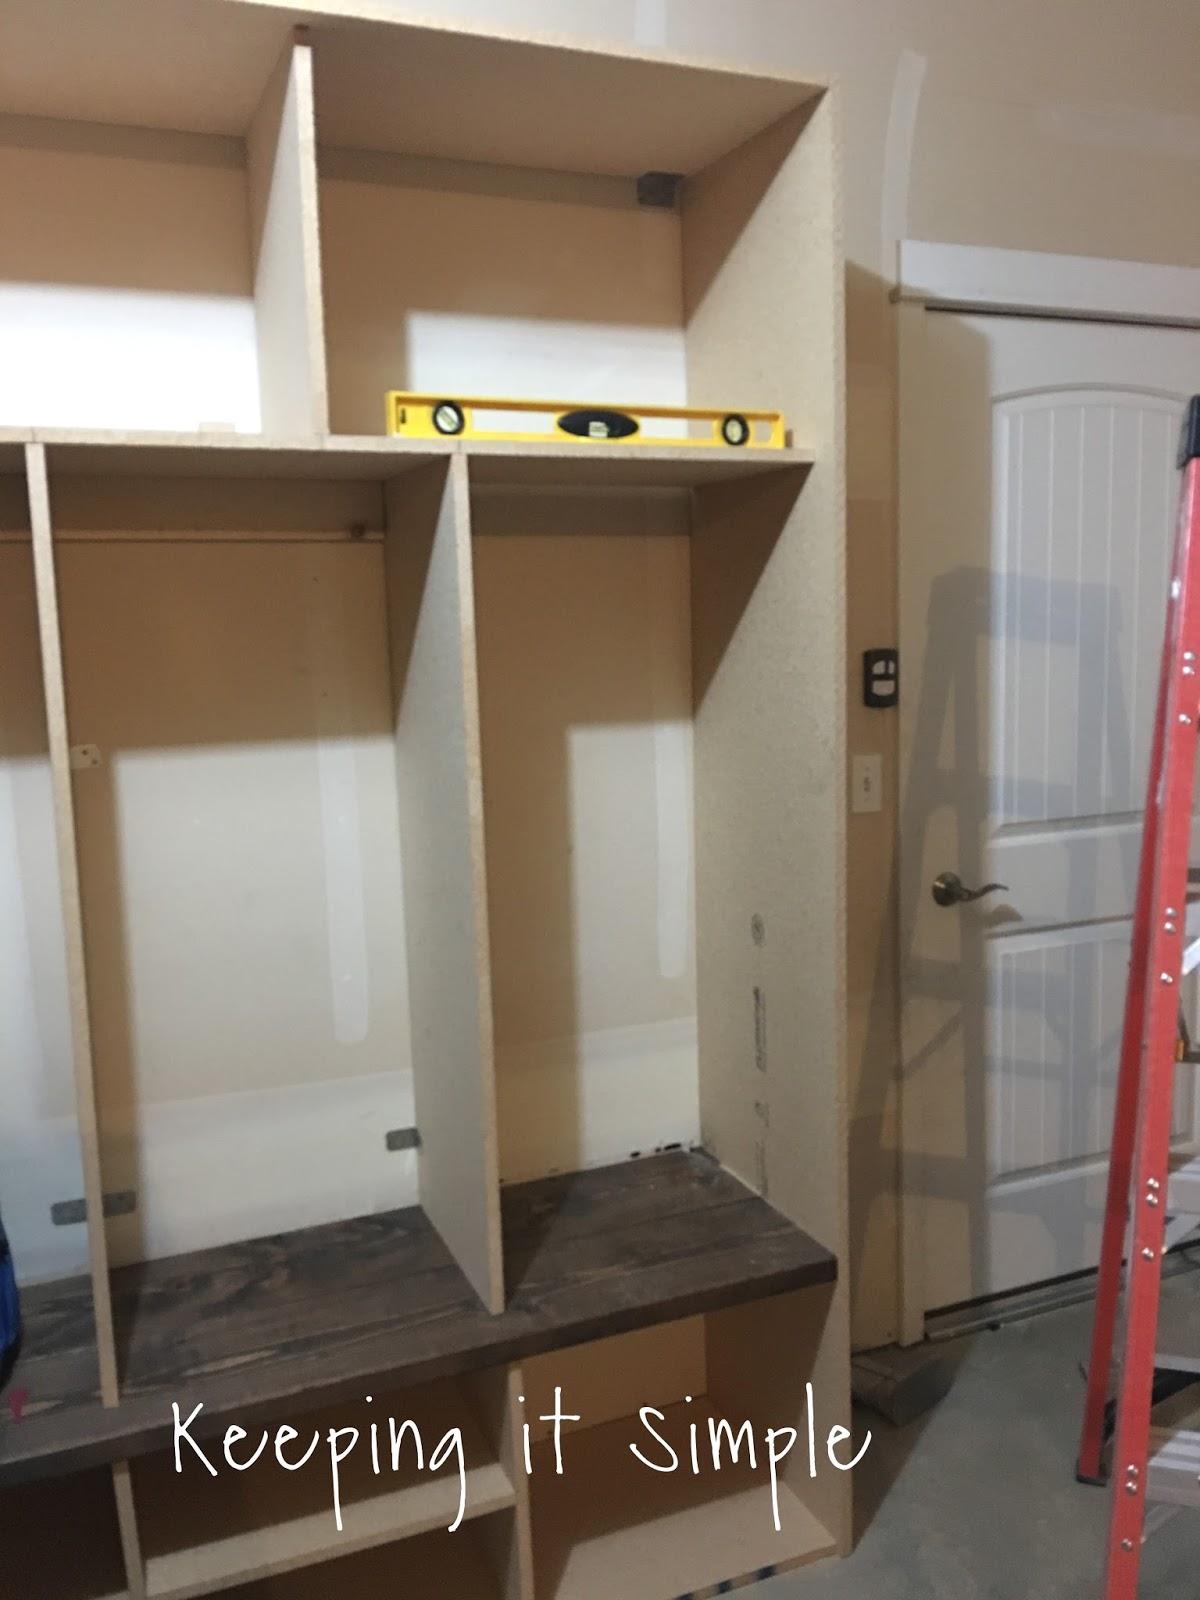 Diy garage mudroom lockers28629 keeping it simple for Garage mudroom designs